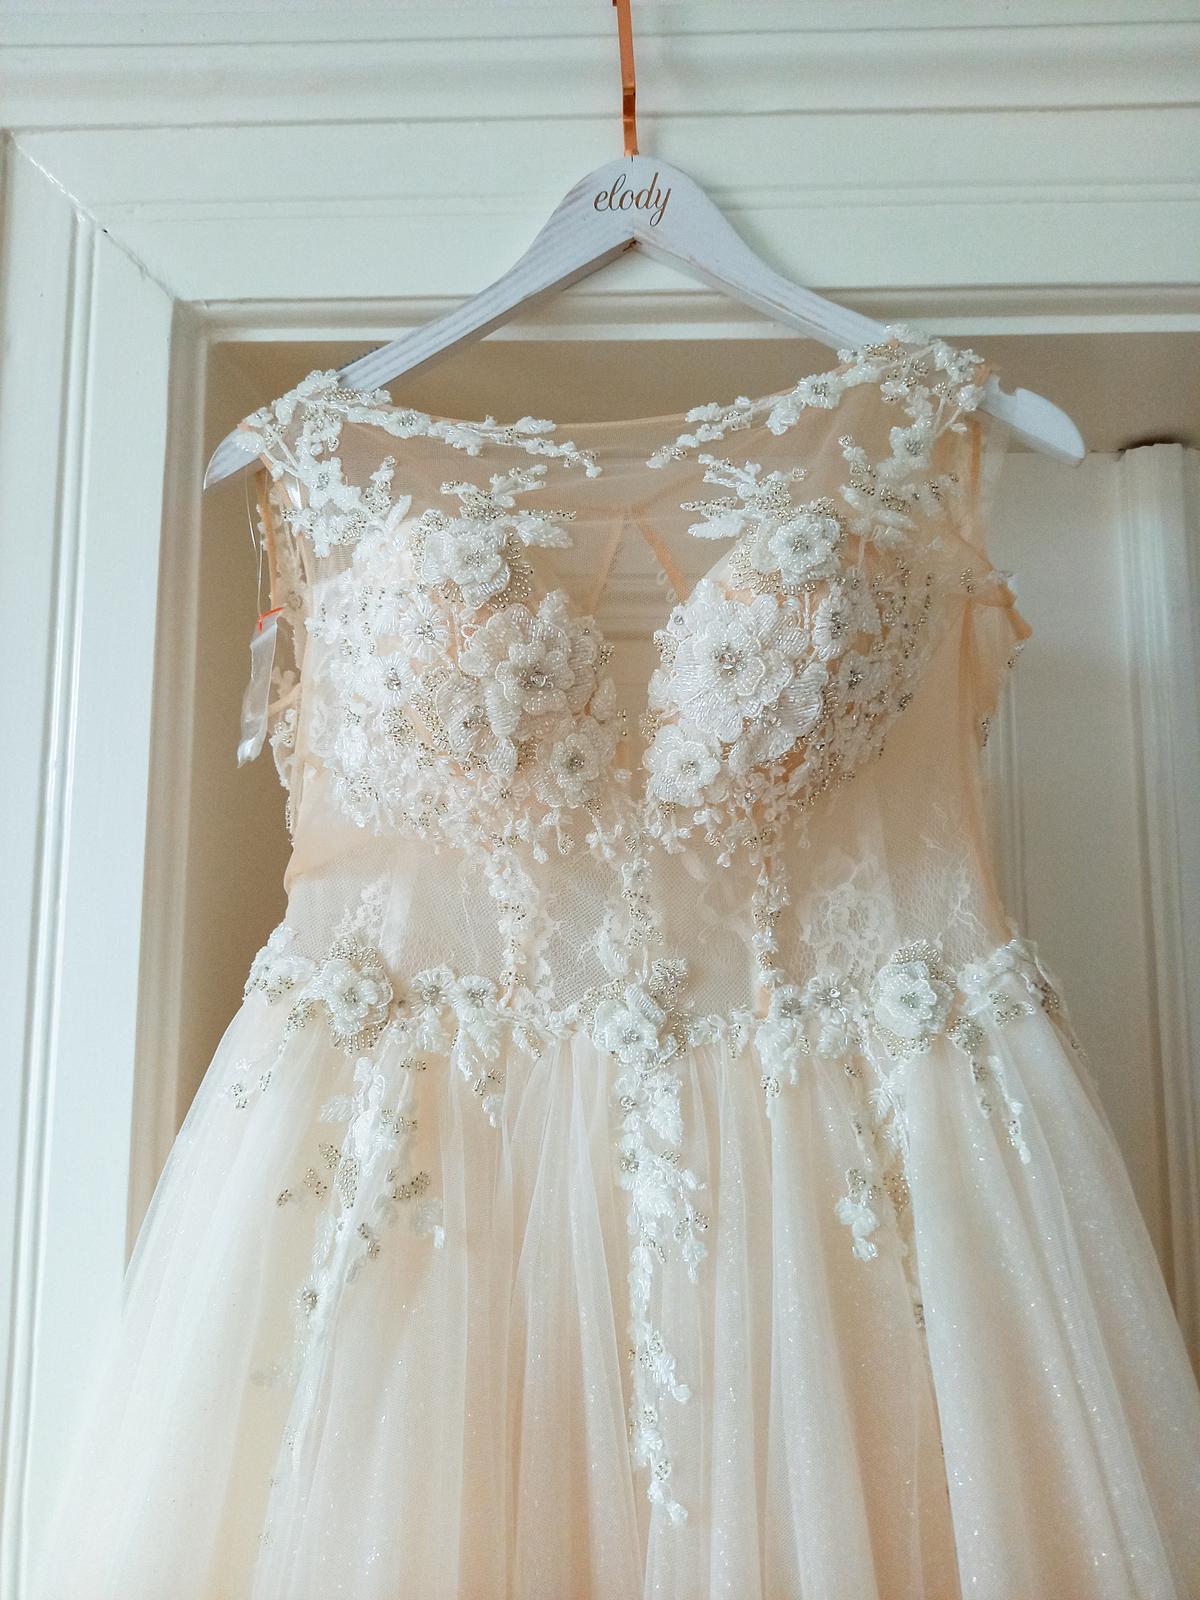 Svatební šaty - Elody Linda - Obrázek č. 4